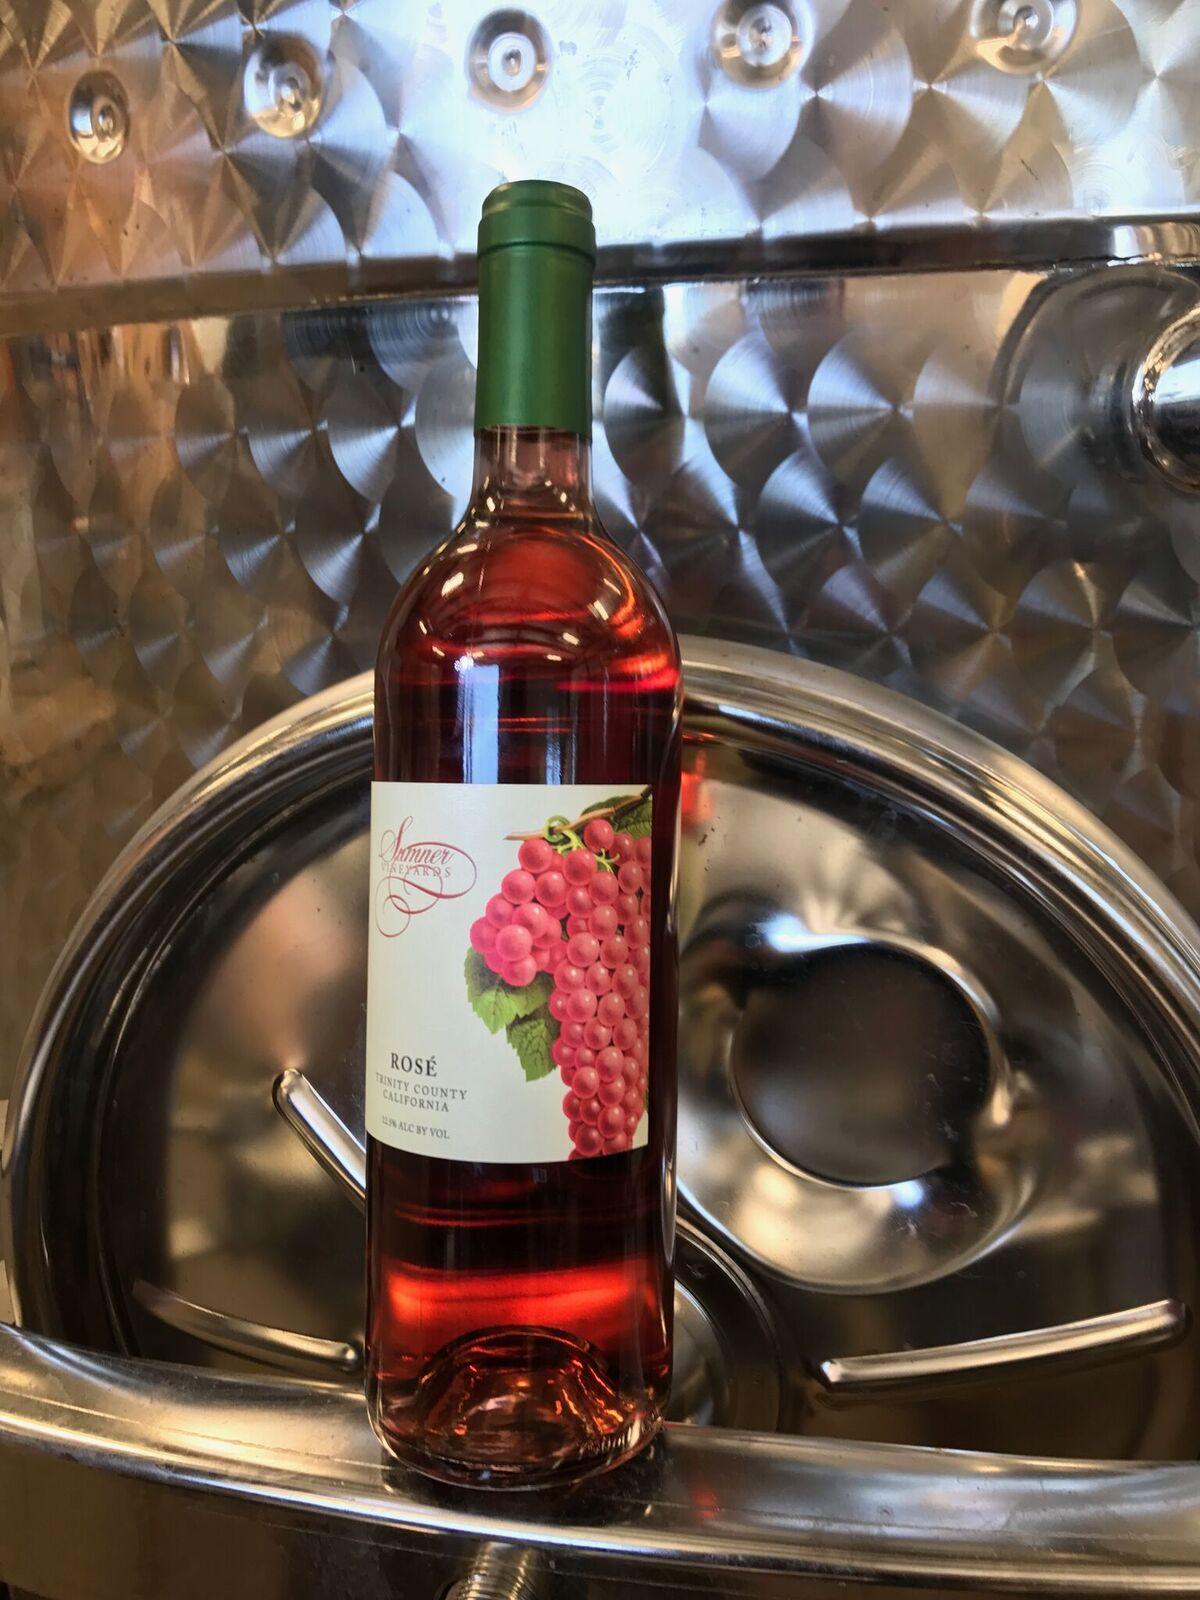 Just bottled Rose